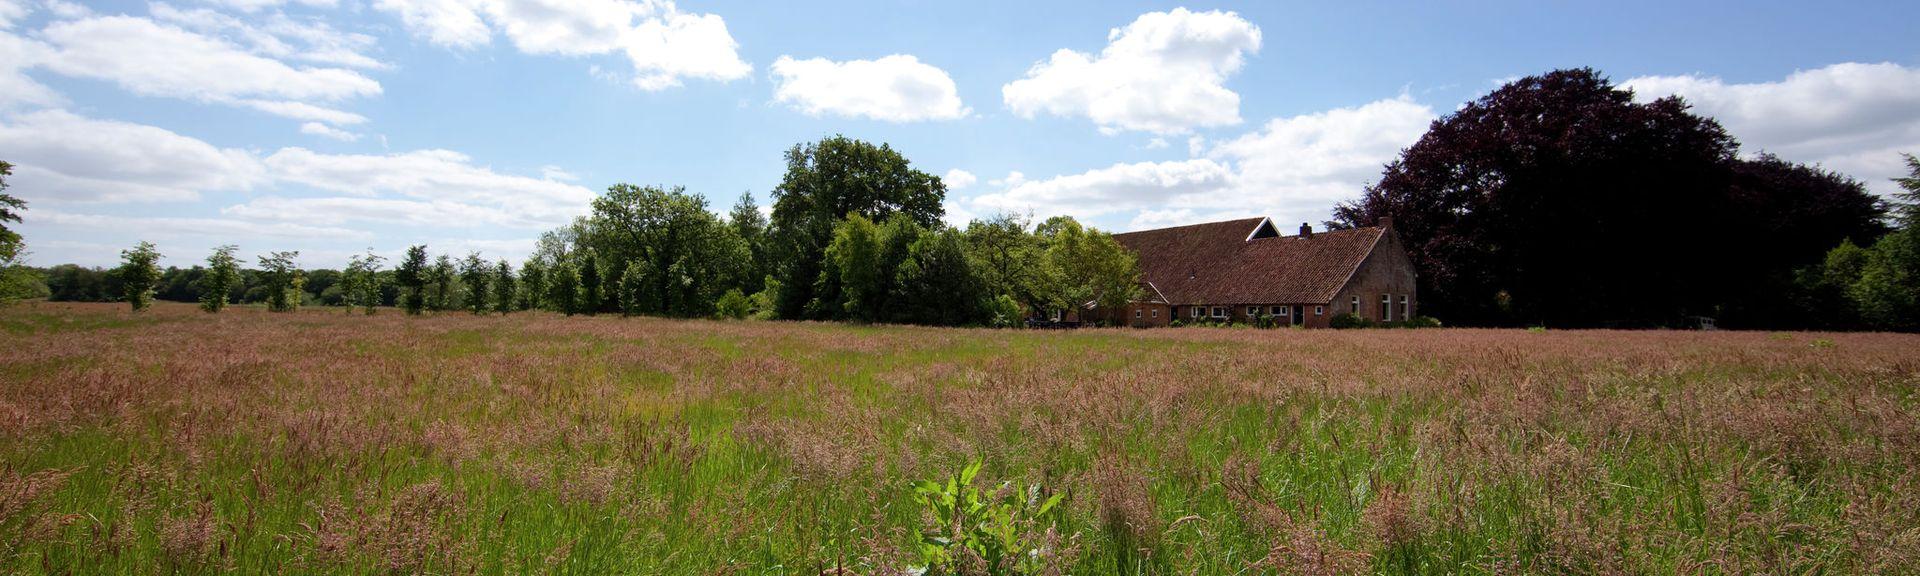 Hunebedcentrum, Borger, Drenthe, Nederland